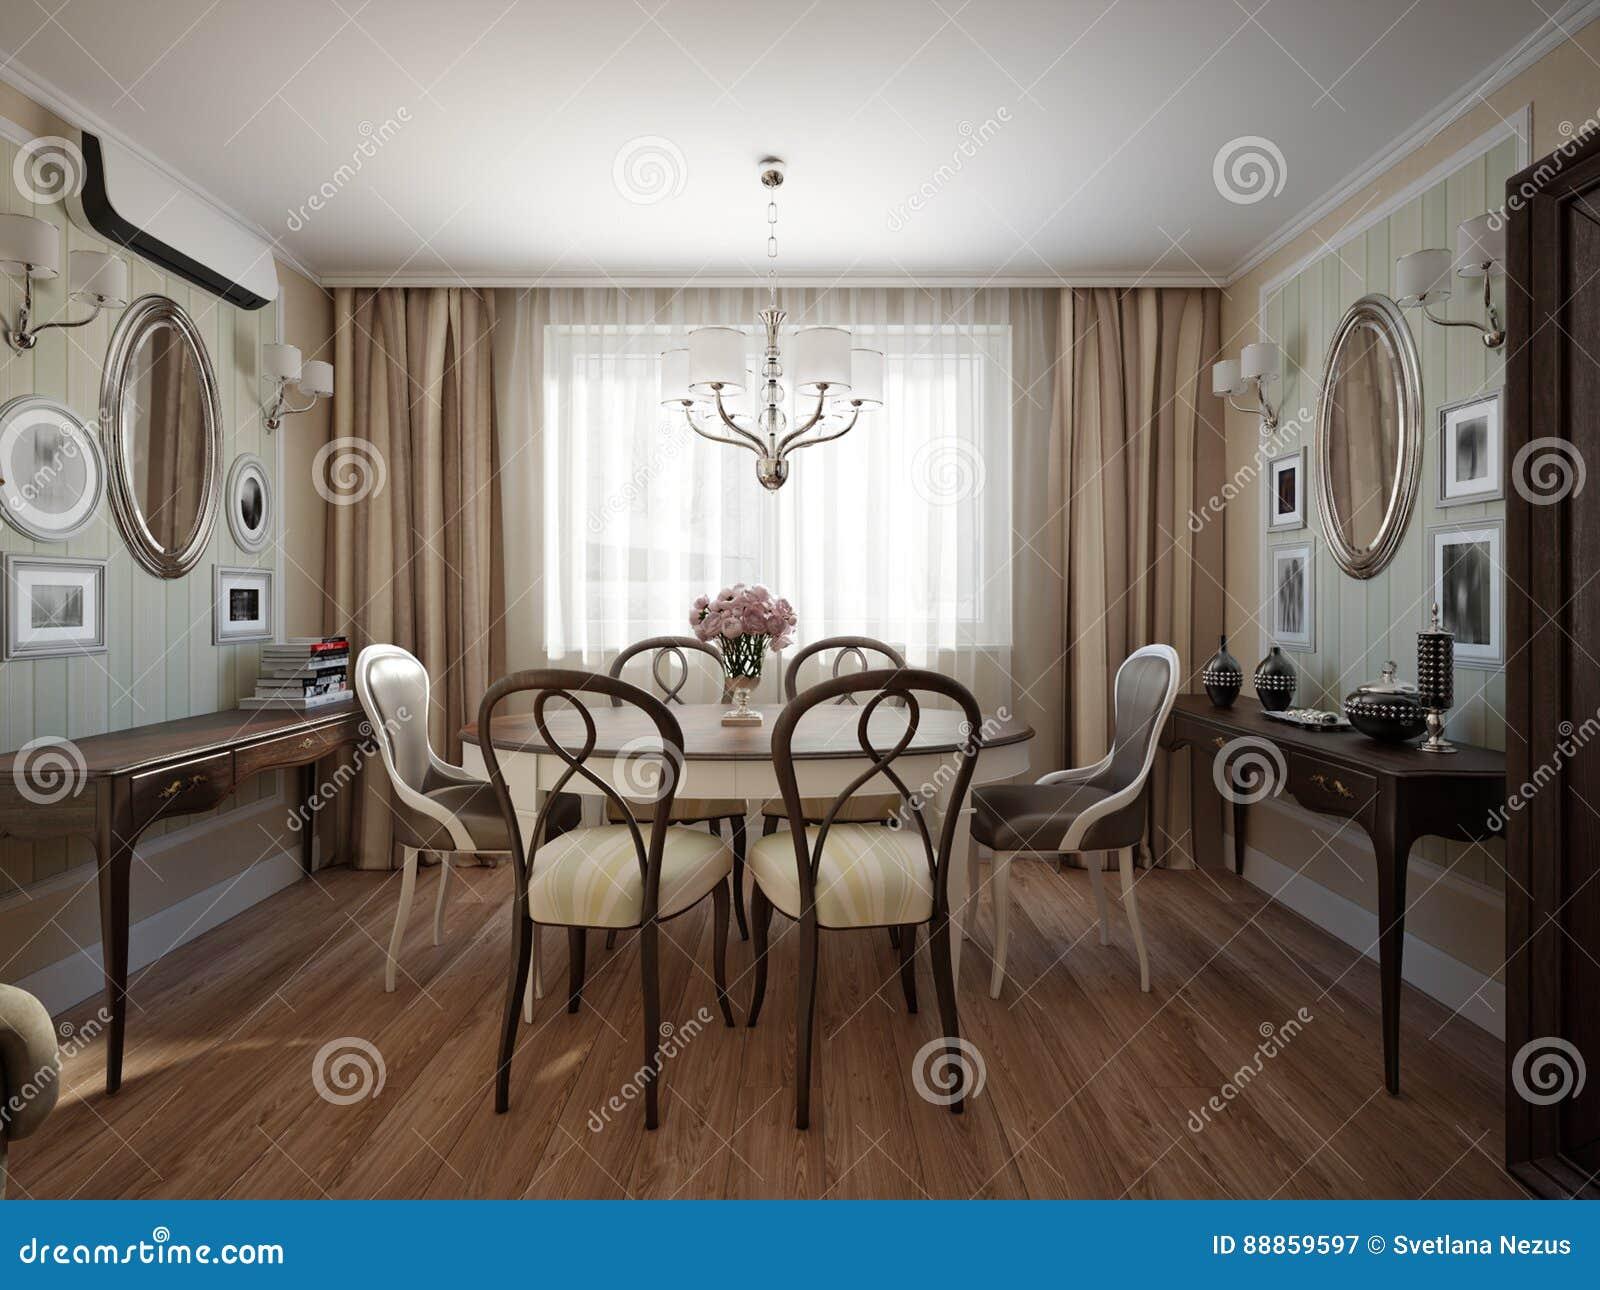 Interior Design Classico Moderno Della Sala Da Pranzo E Del Salone Illustrazione Di Stock Illustrazione Di Illuminazione Idea 88859597